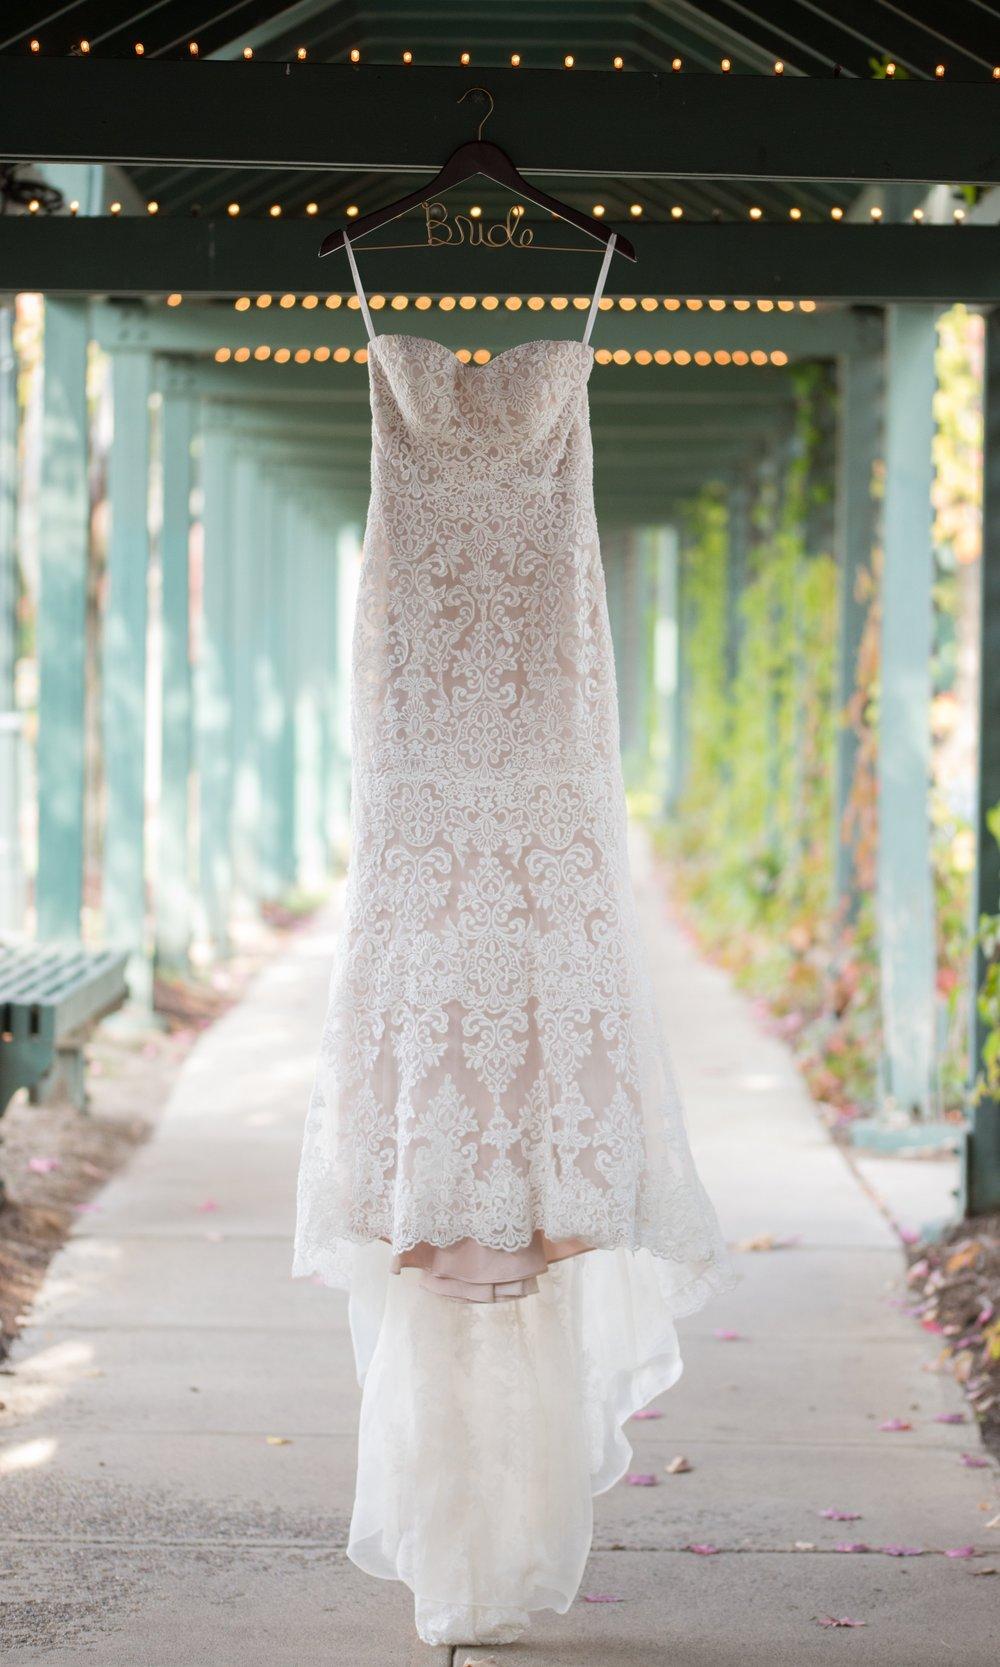 wedding-dress-bridal-sagamore-resort-lake-george-ny-wedding-ym-photography